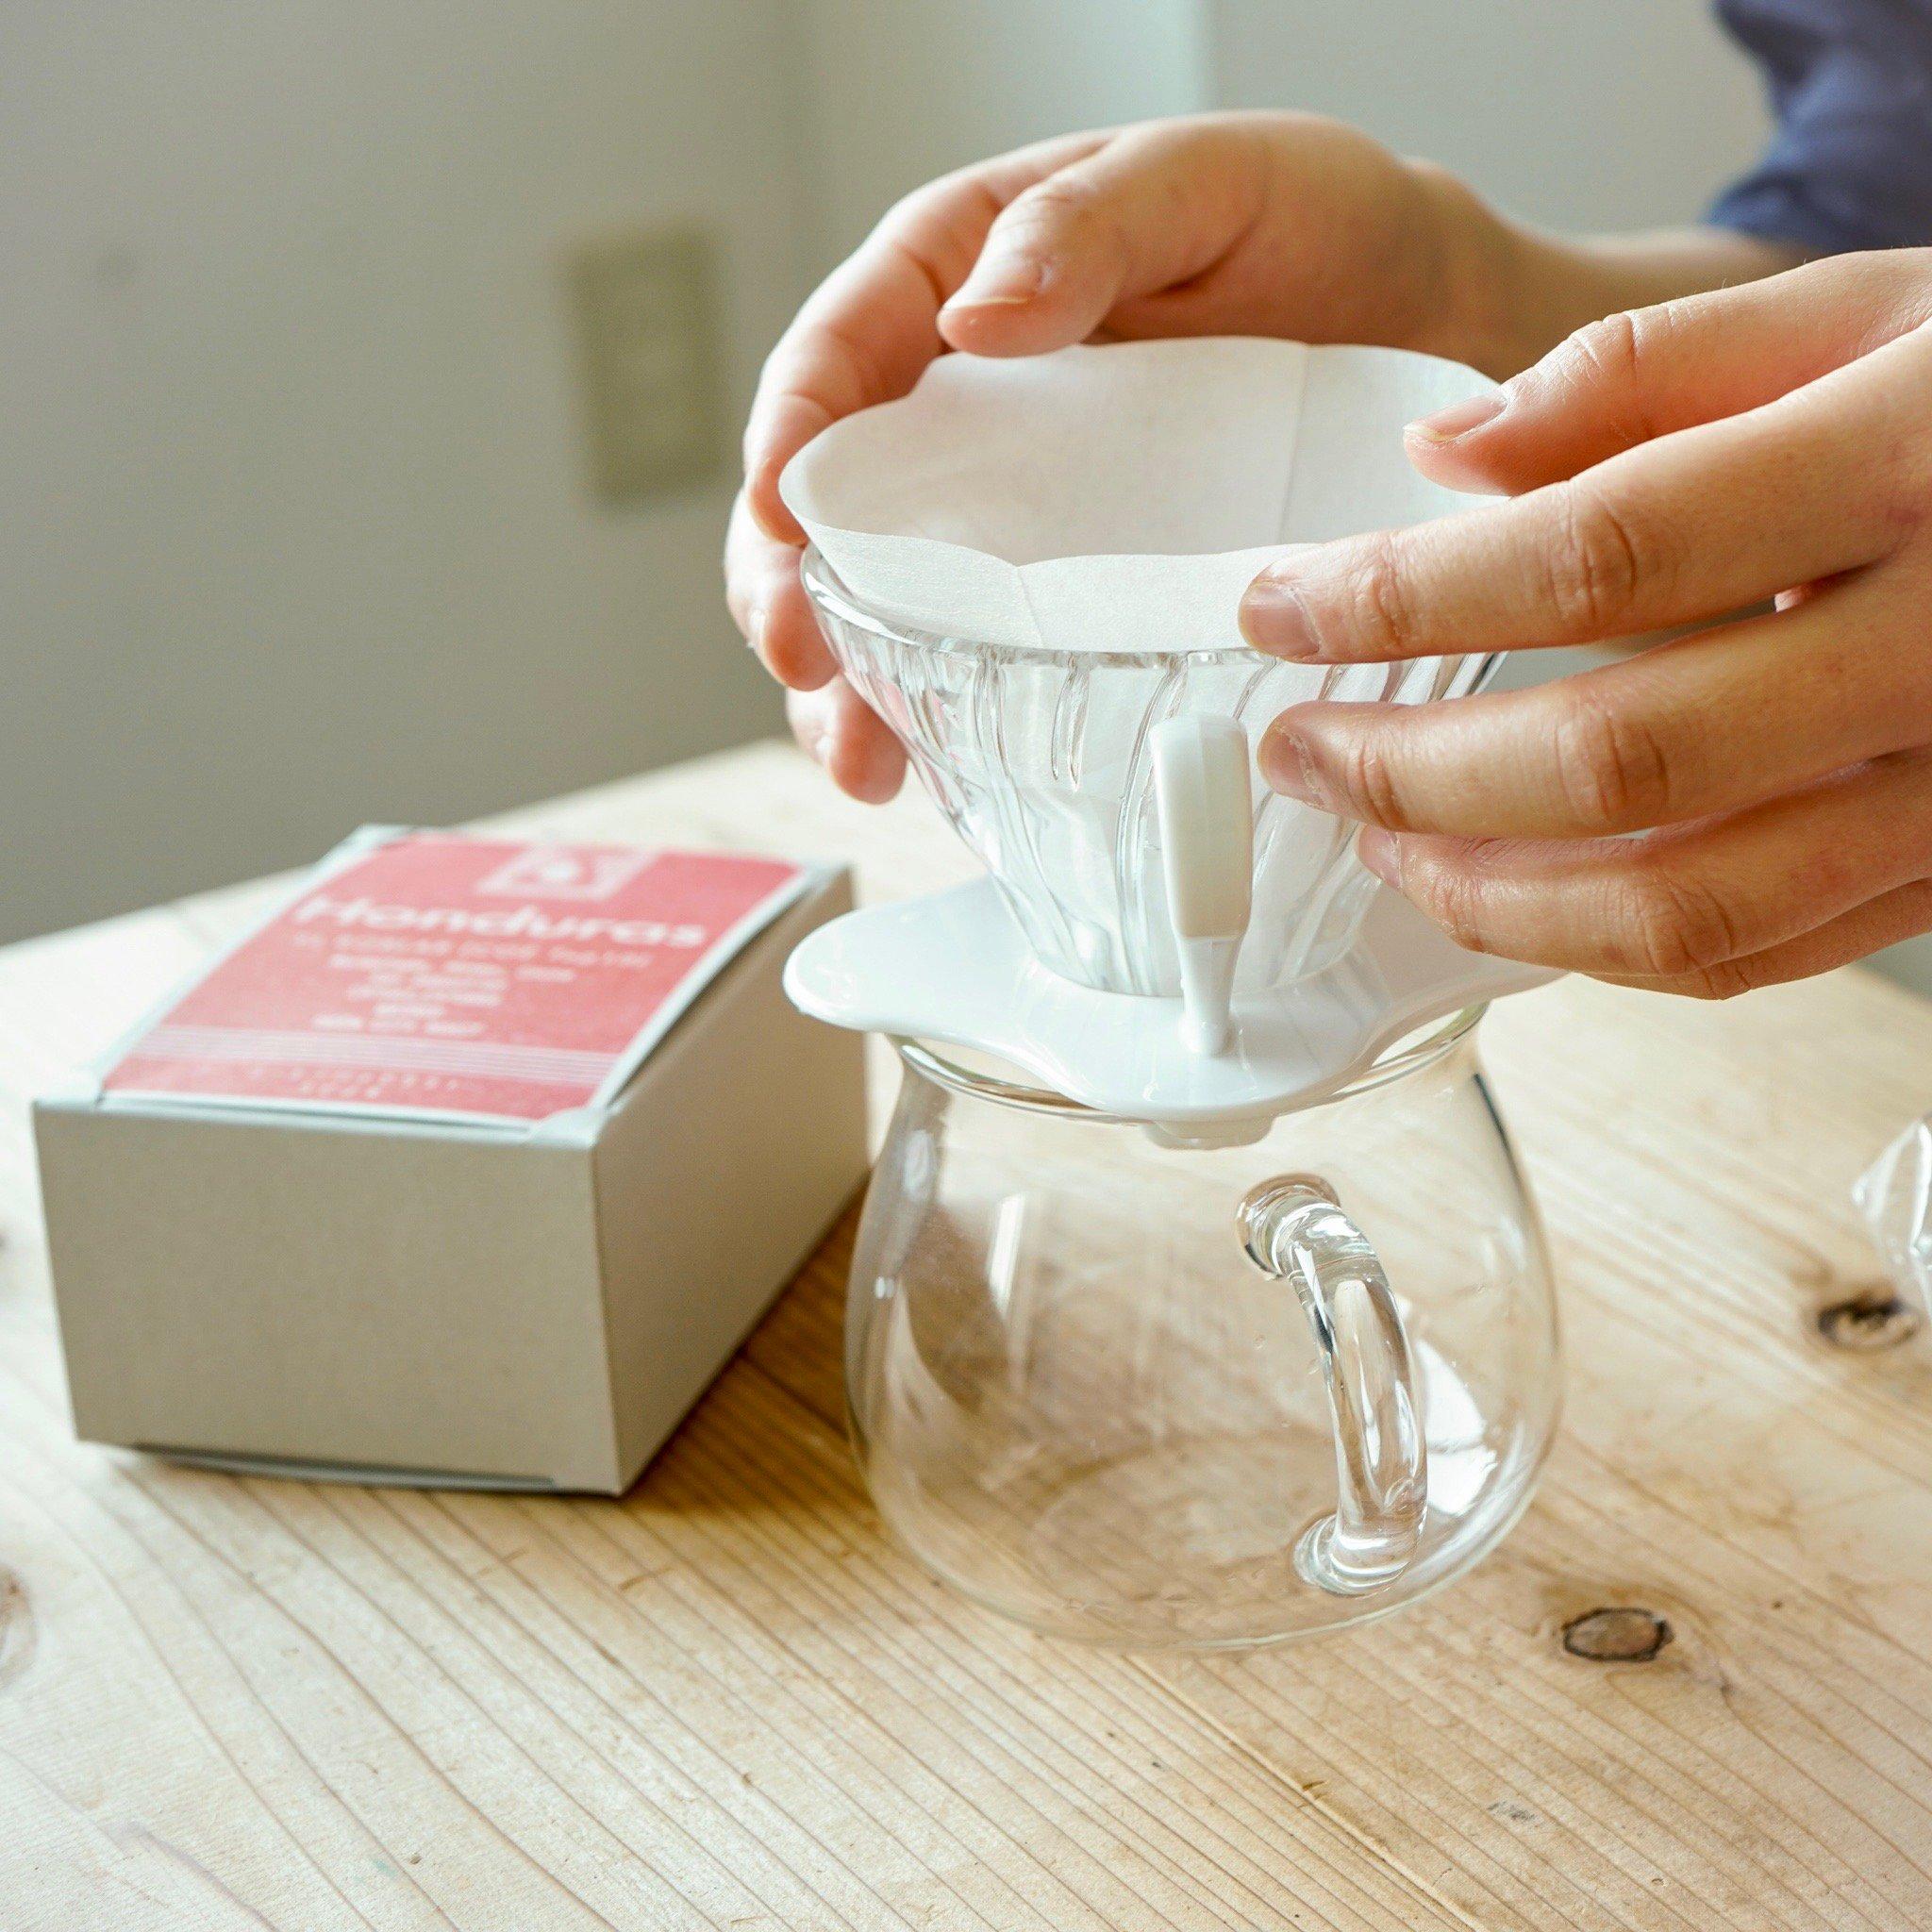 さぁ、コーヒーを始めよう    ▷内容 ①HARIO V60 耐熱ガラス透過ドリッパー01W ②SLOW COFFEE STYLE コーヒーサーバー 300ml ③HARIO V60ペーパーフィルター01W 100枚 ④ホンジュラス エルロブラル農園(COE入賞)150g  コーヒーは人や淹れ方によって味が変わるもの。 その時々の気分やシーンに合わせて、好みのコーヒーを淹れる。 自分のためでも良いし、大切な誰かのためでも良い。  タビノネのスタッフが「使ってみて良かった!」と自信をもっておすすめできるコーヒー器具たちを集めました。    ハンドドリップに必要なドリッパー・コーヒーサーバー・フィルター・コーヒー豆の4点セットです。 ハンドドリップをこれから始めたい方におすすめのセットです。     ▷詳細 ①V型円すい形のペーパーフィルター 珈琲粉の層が深く、珈琲粉に注いだお湯が円すいの頂点に向かって流れるので豆の旨味をしっかりと抽出できます。 透明の耐熱ガラス製なので、コーヒーを抽出する間も様子が見え、目でコーヒーを楽しむことができます。  ②キントーコーヒーサーバー ゆるやかなフォルムや落ち着いた色合い、あたたかみのあるデザインが心をほぐします。 ポットには抽出量が分かる目盛りがデザインされています。  ③V60シリーズペーパーフィルター01タイプ 材質はパルプ100%の酸素漂白仕様。環境にやさしい森林認証制度FSCを取得した製品です。  ④ホンジュラスエルロブラル 蜂蜜のような奥深い甘みがあり、スイーツを食べているかのような甘い余韻が残ります。 中深煎りですので苦味は少なく、果実感と甘みの余韻をお楽しみ頂けます。  【お届けに関して】 ラッピングはしておりません。 紙袋をご利用希望の方は選択欄にてご記入ください。